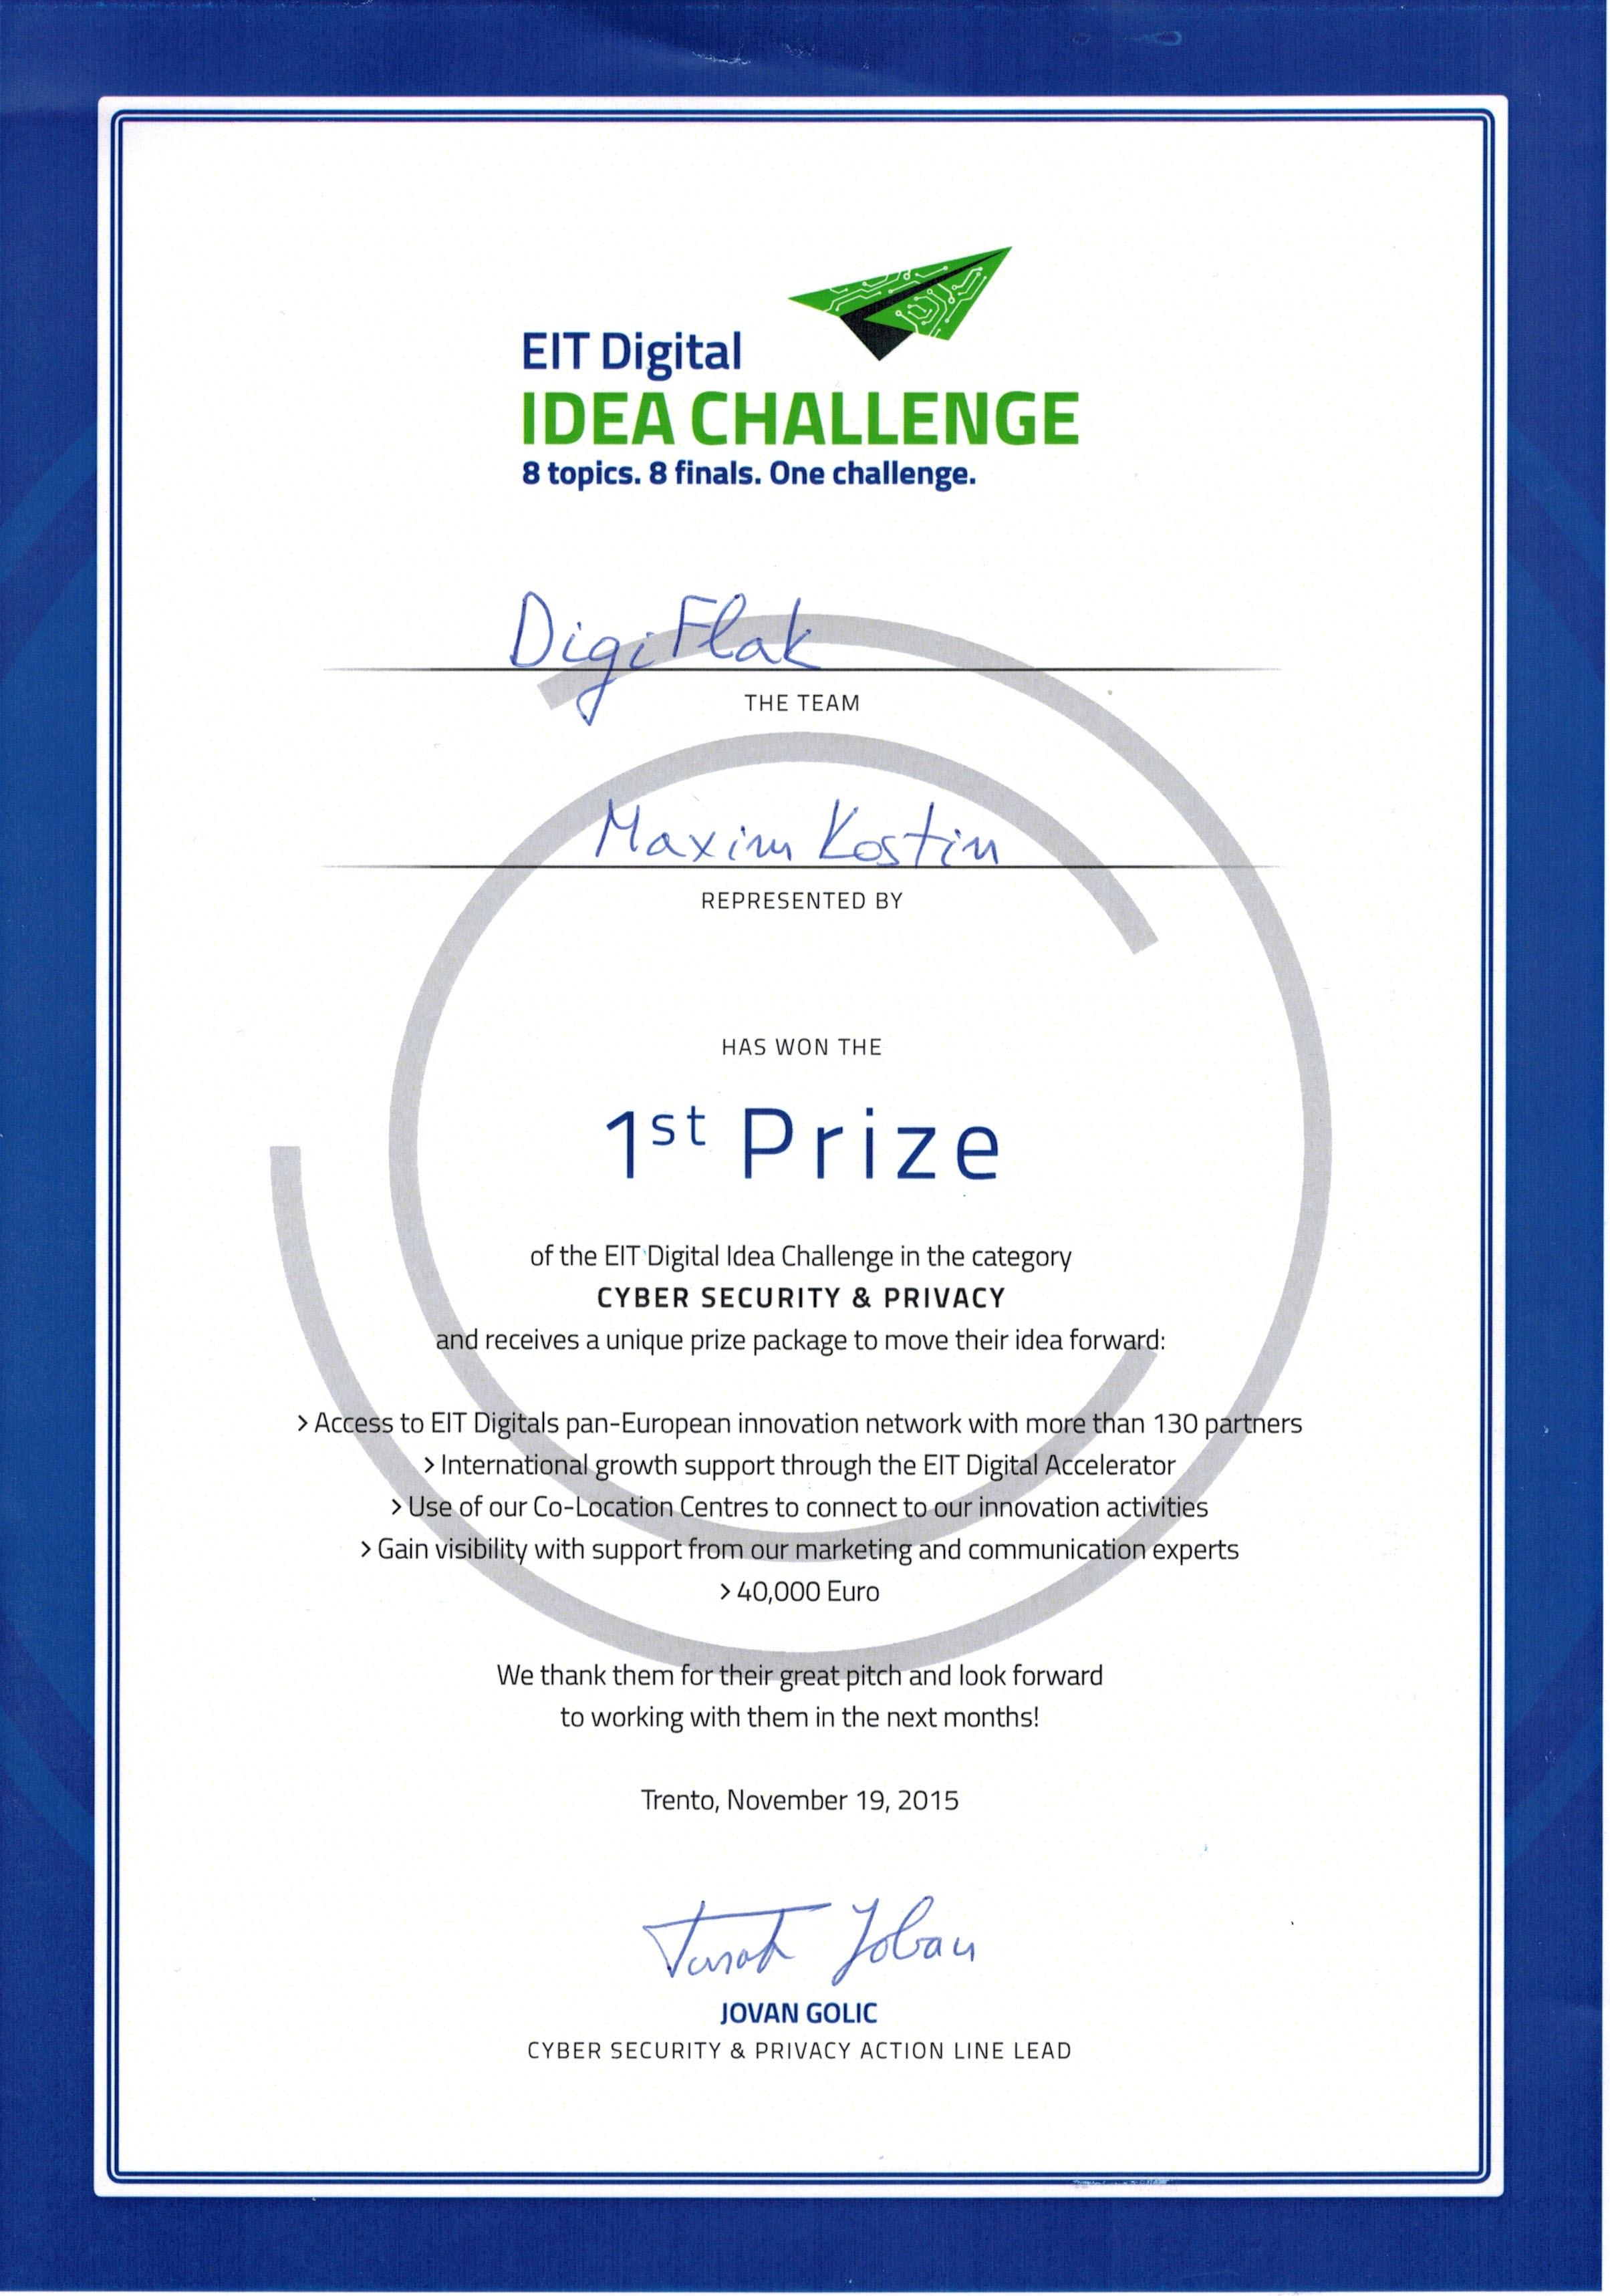 DigiFlak DigiFlak Wins the EIT Digital Idea Challenge in